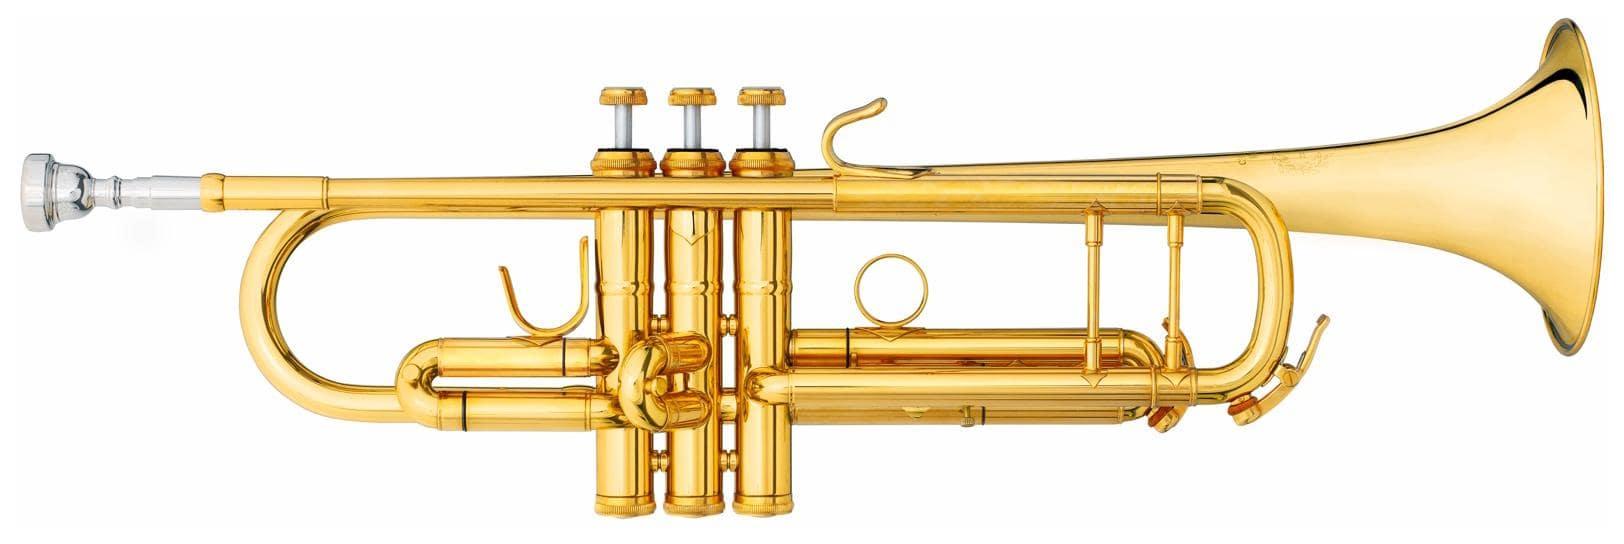 Trompeten - B S 3137 2 L Challenger II L Bb Trompete - Onlineshop Musikhaus Kirstein